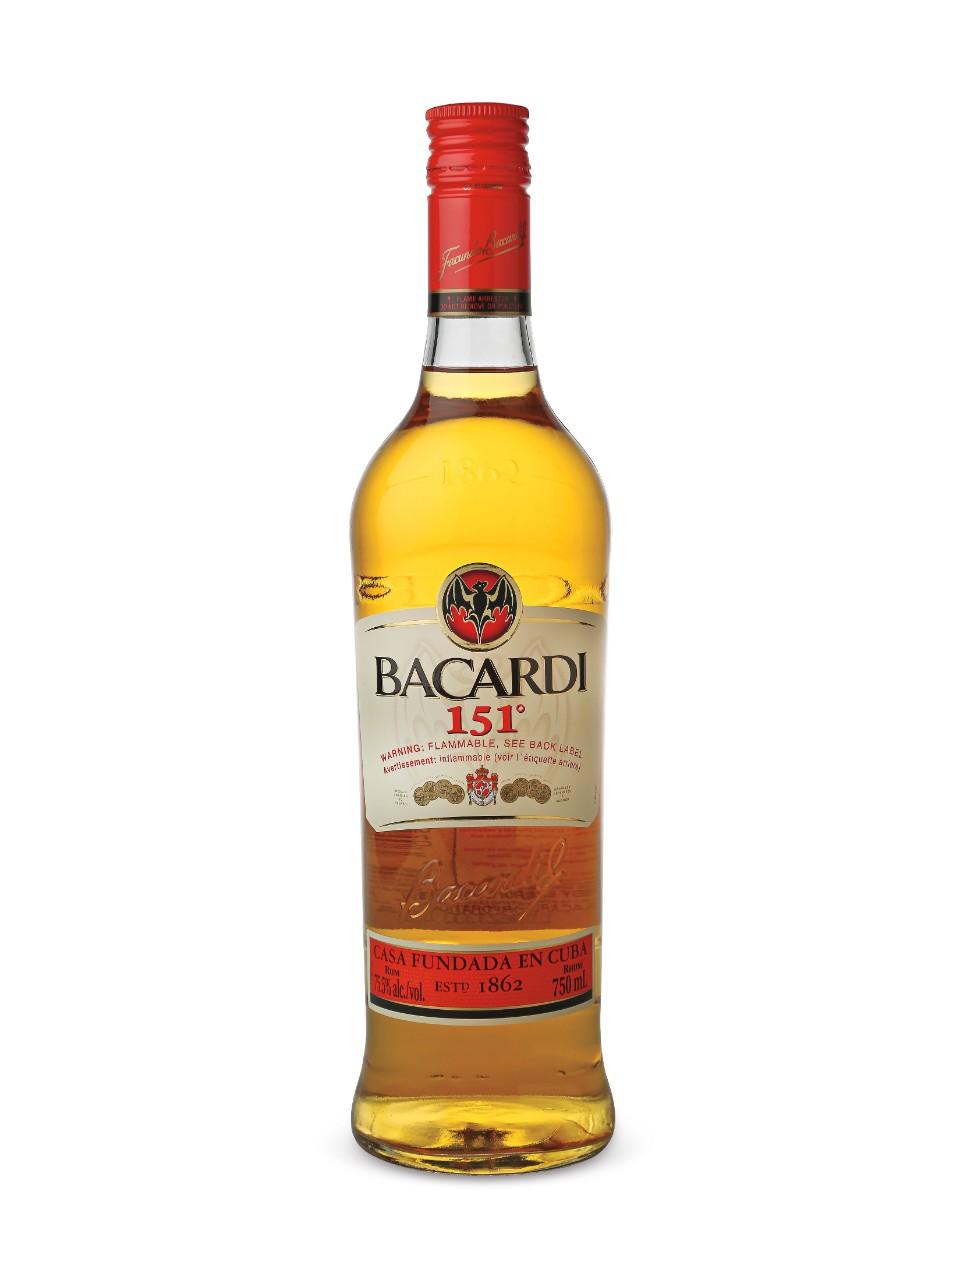 151 bacardi rum and kush 9